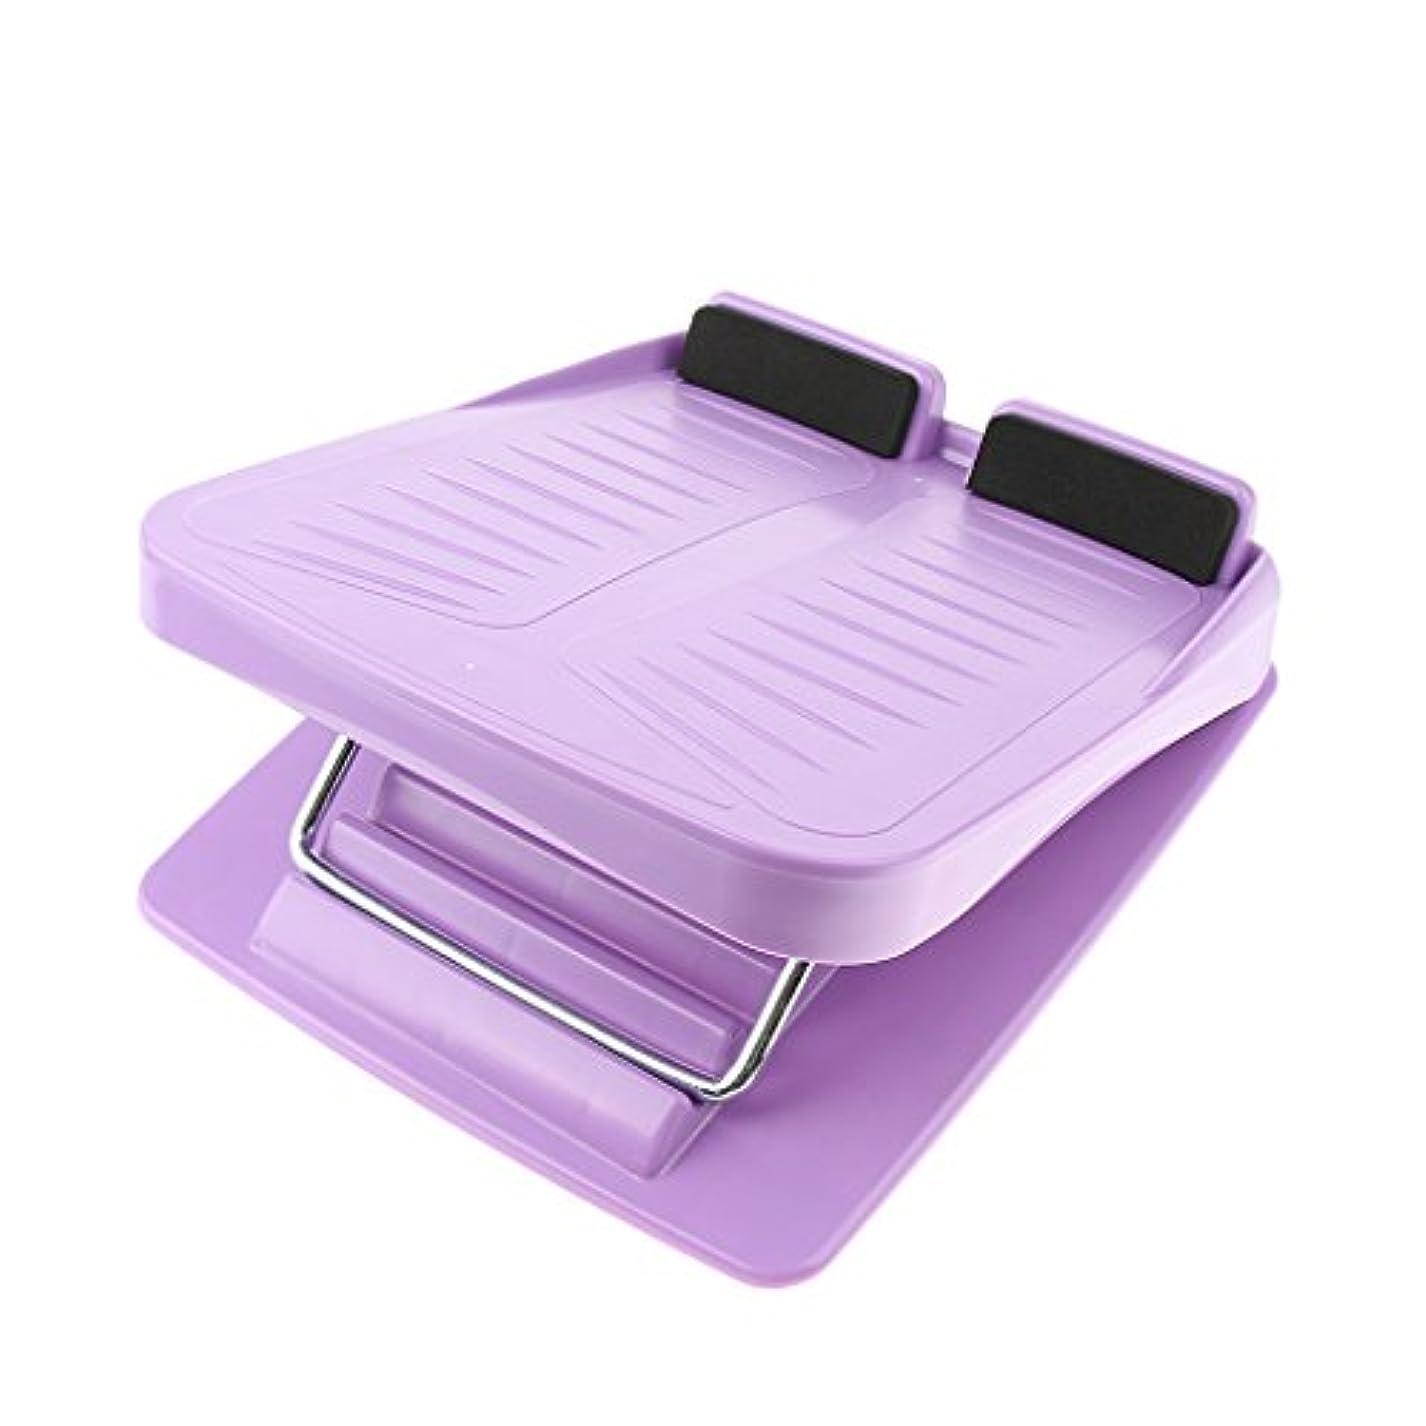 成功するあそこ冒険ストレッチボード ストレッチ台 調整可能 アンチスリップ カーフストレッチ 斜面ボード 全3色 - 紫の